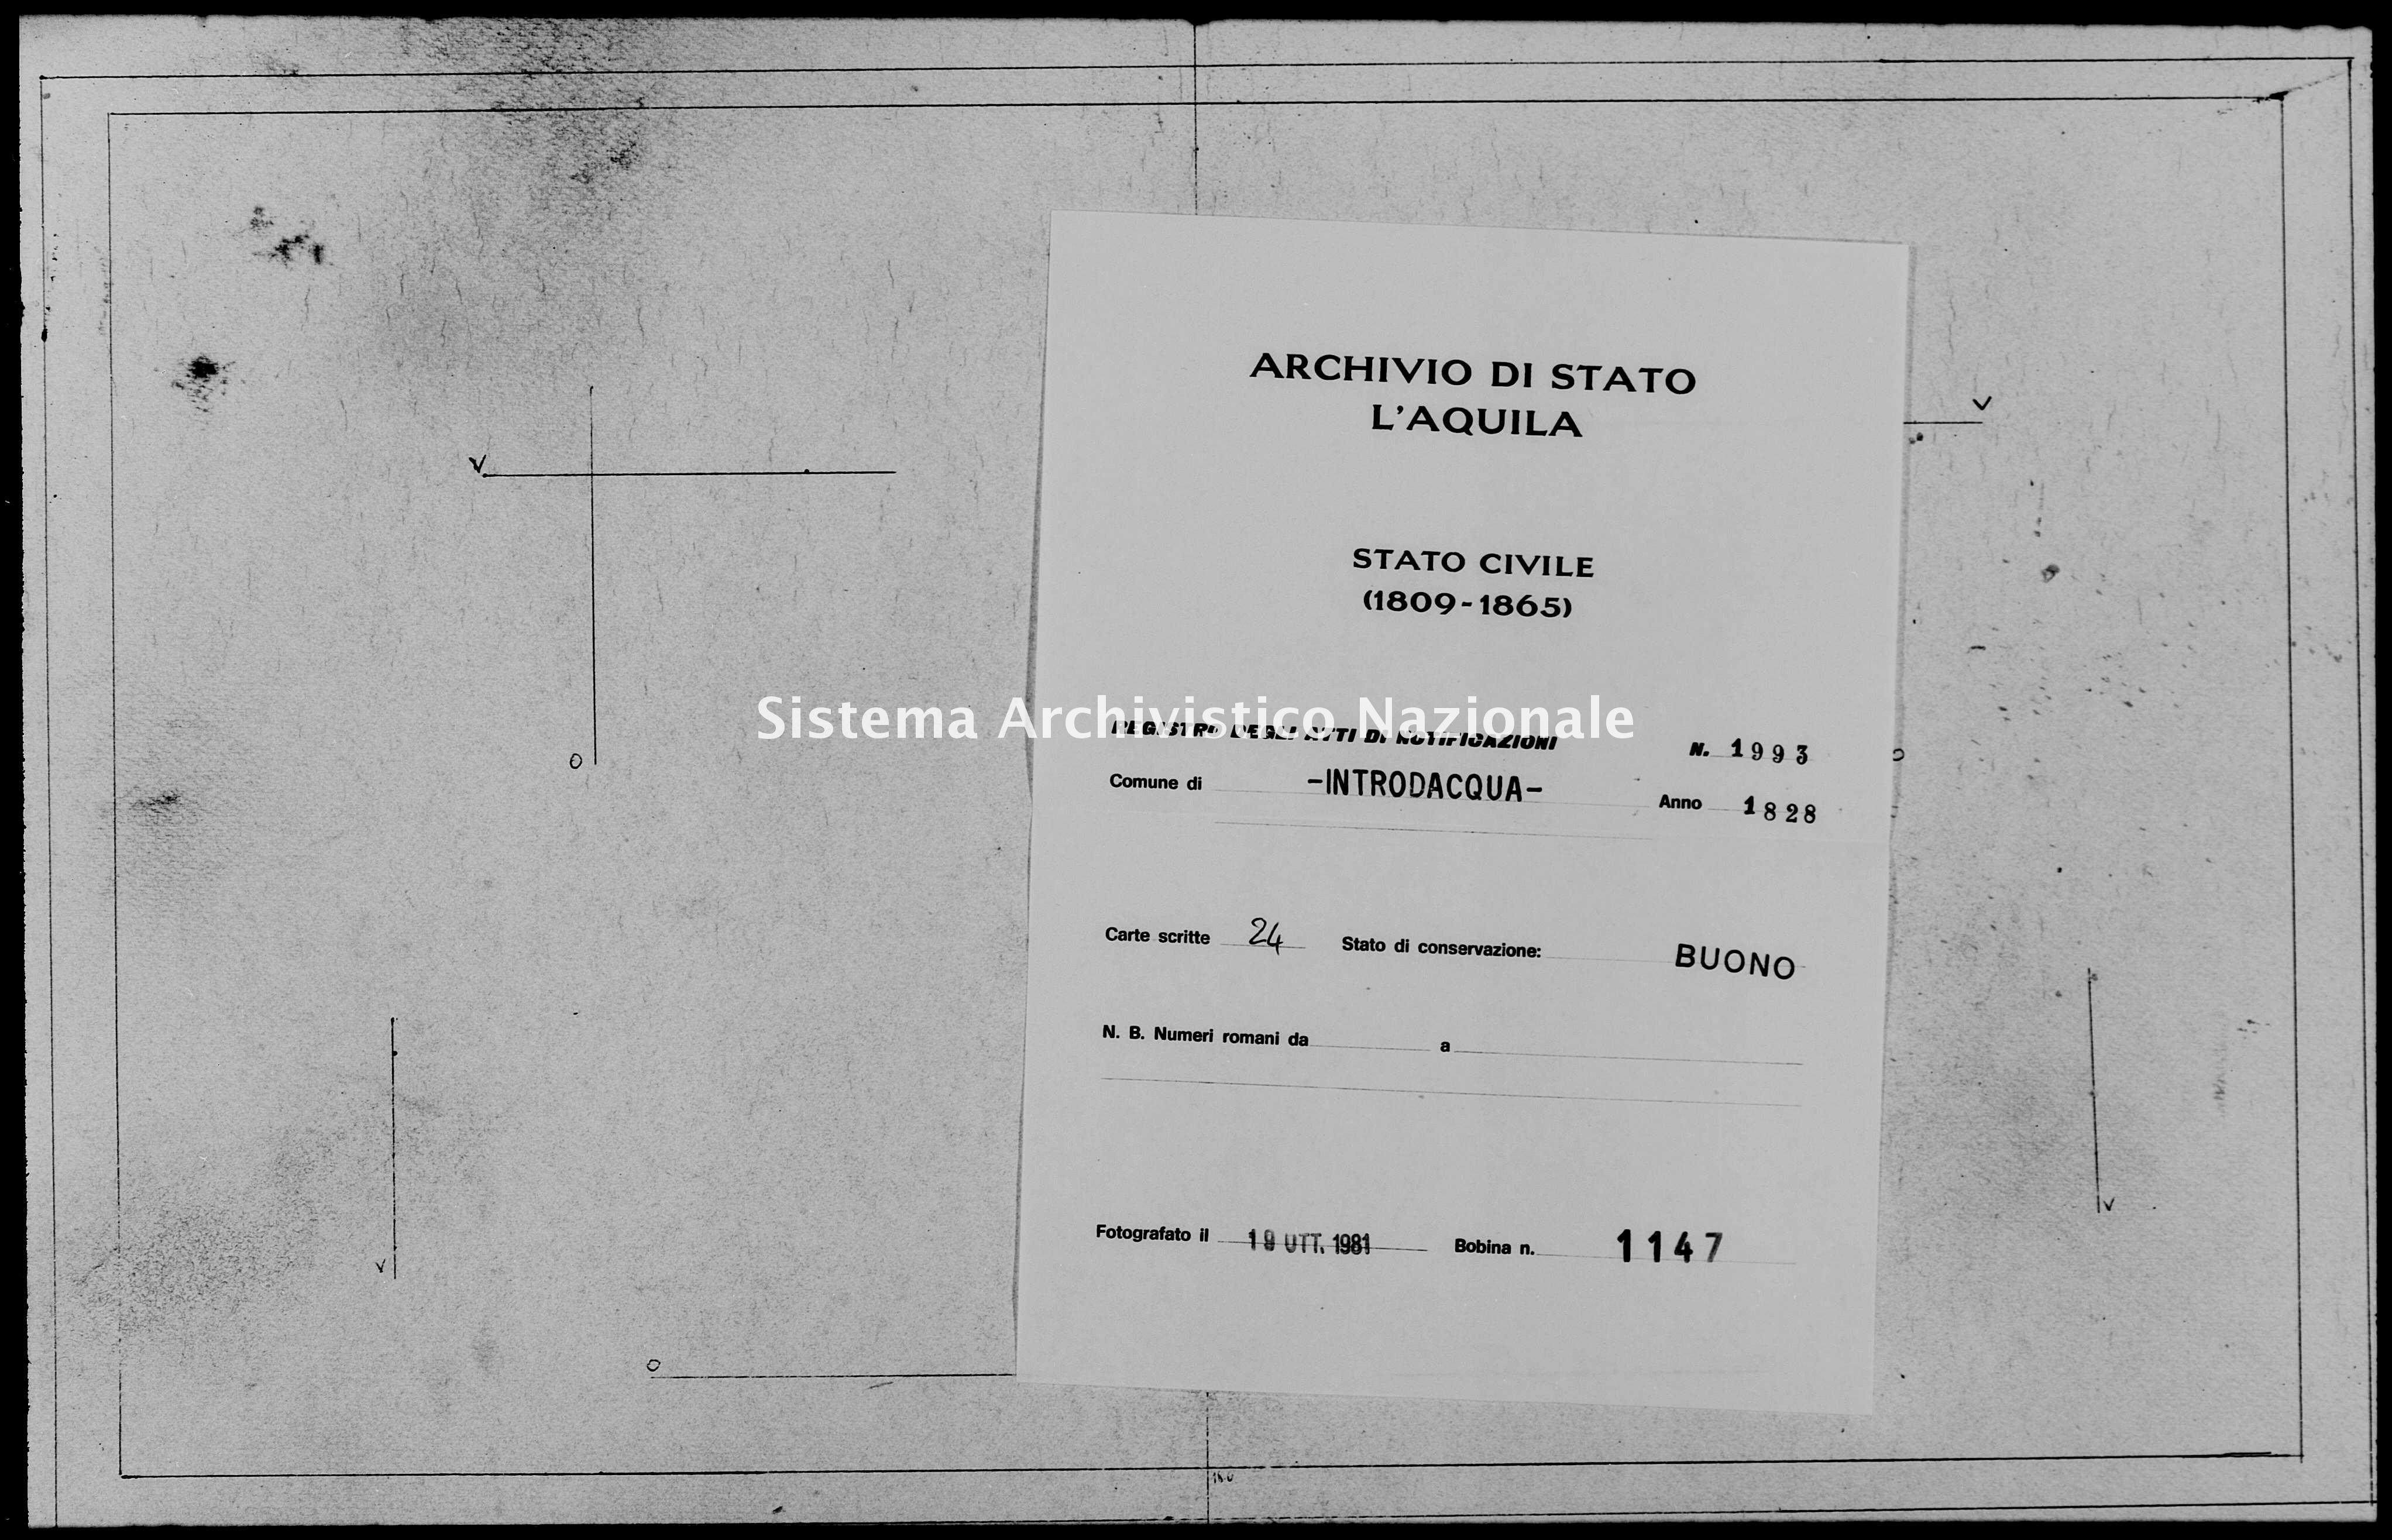 Archivio di stato di L'aquila - Stato civile della restaurazione - Introdacqua - Matrimoni, memorandum notificazioni ed opposizioni - 1828 - 1993 -